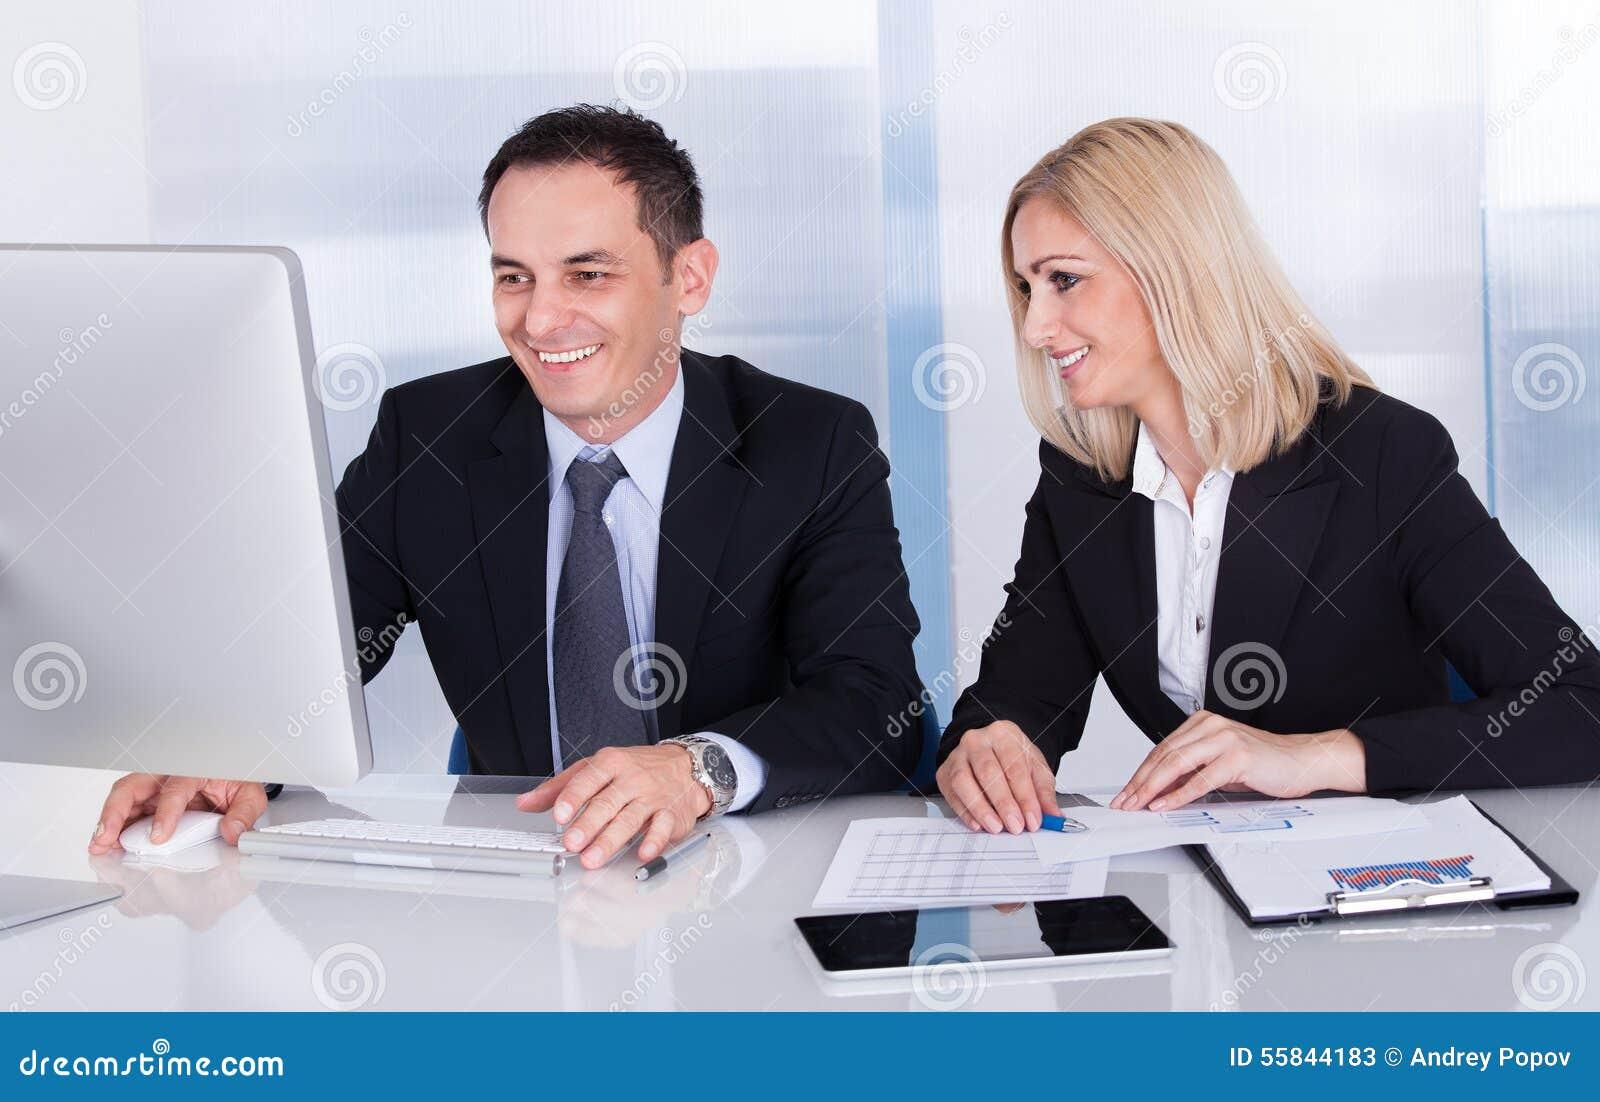 Dos colegas felices del negocio en la oficina